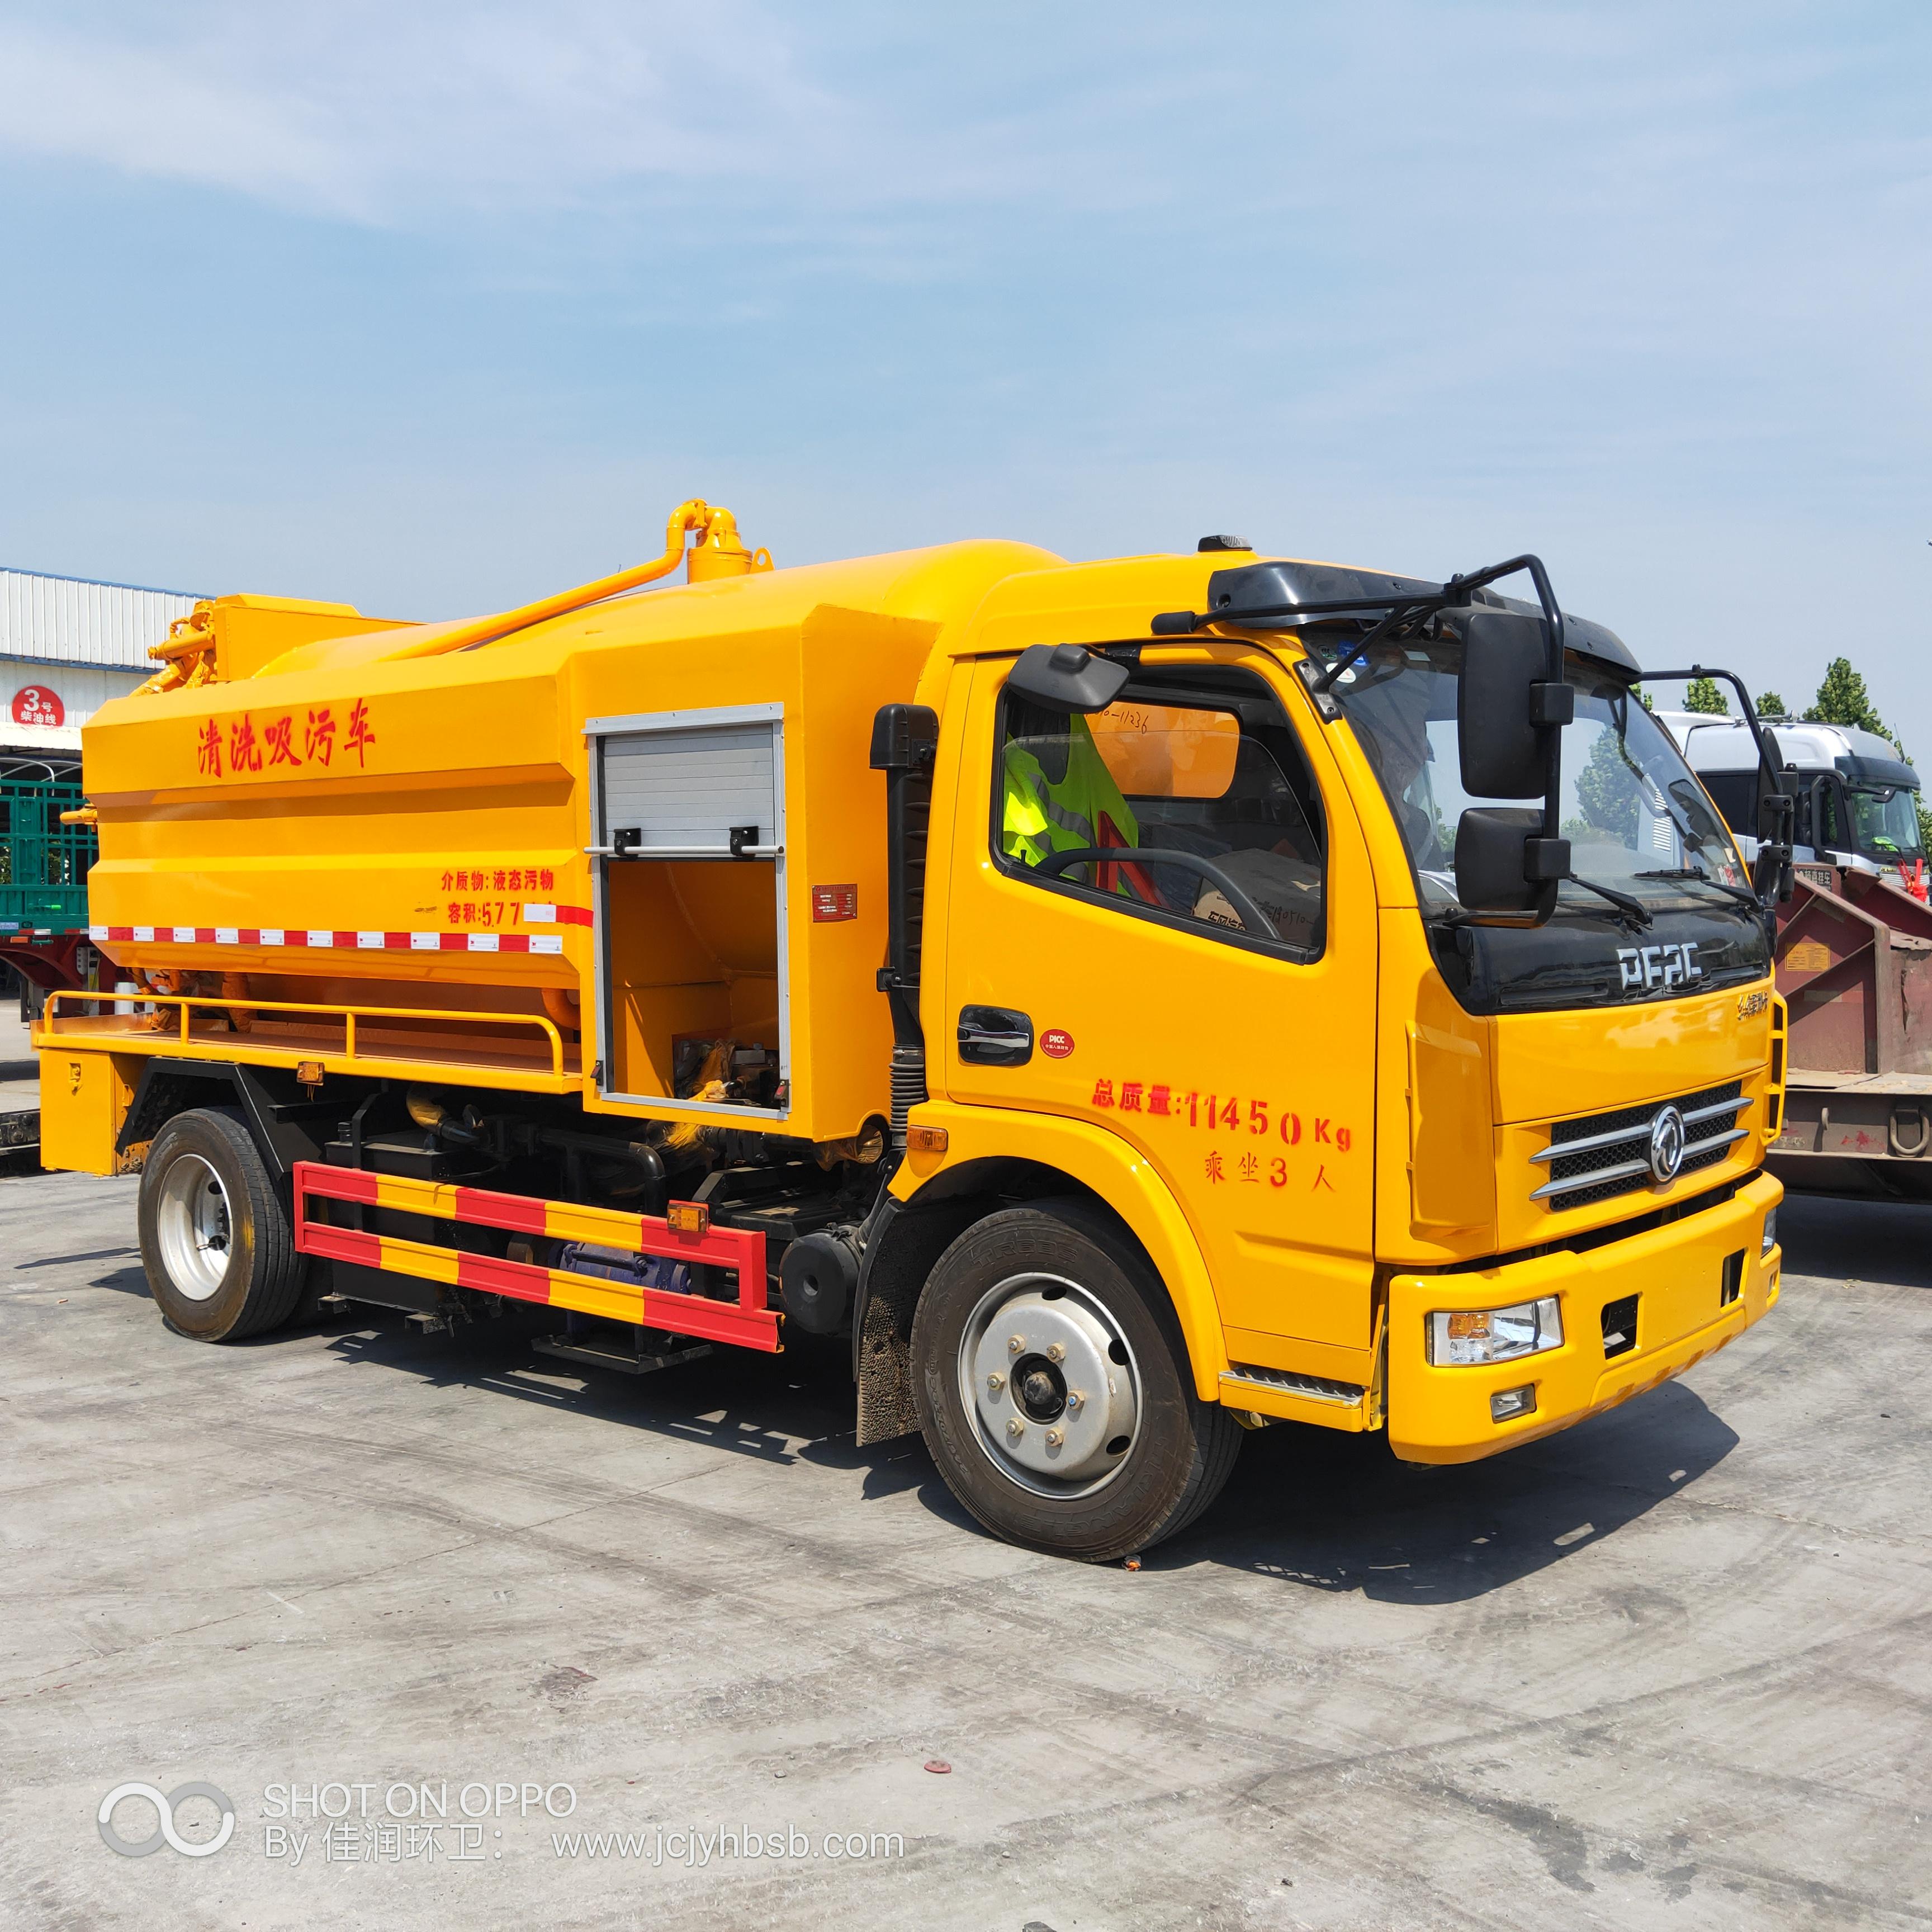 电动三轮雾炮洒水车供应商价格。电动三轮雾炮洒水车用途。电动三轮雾炮洒水车